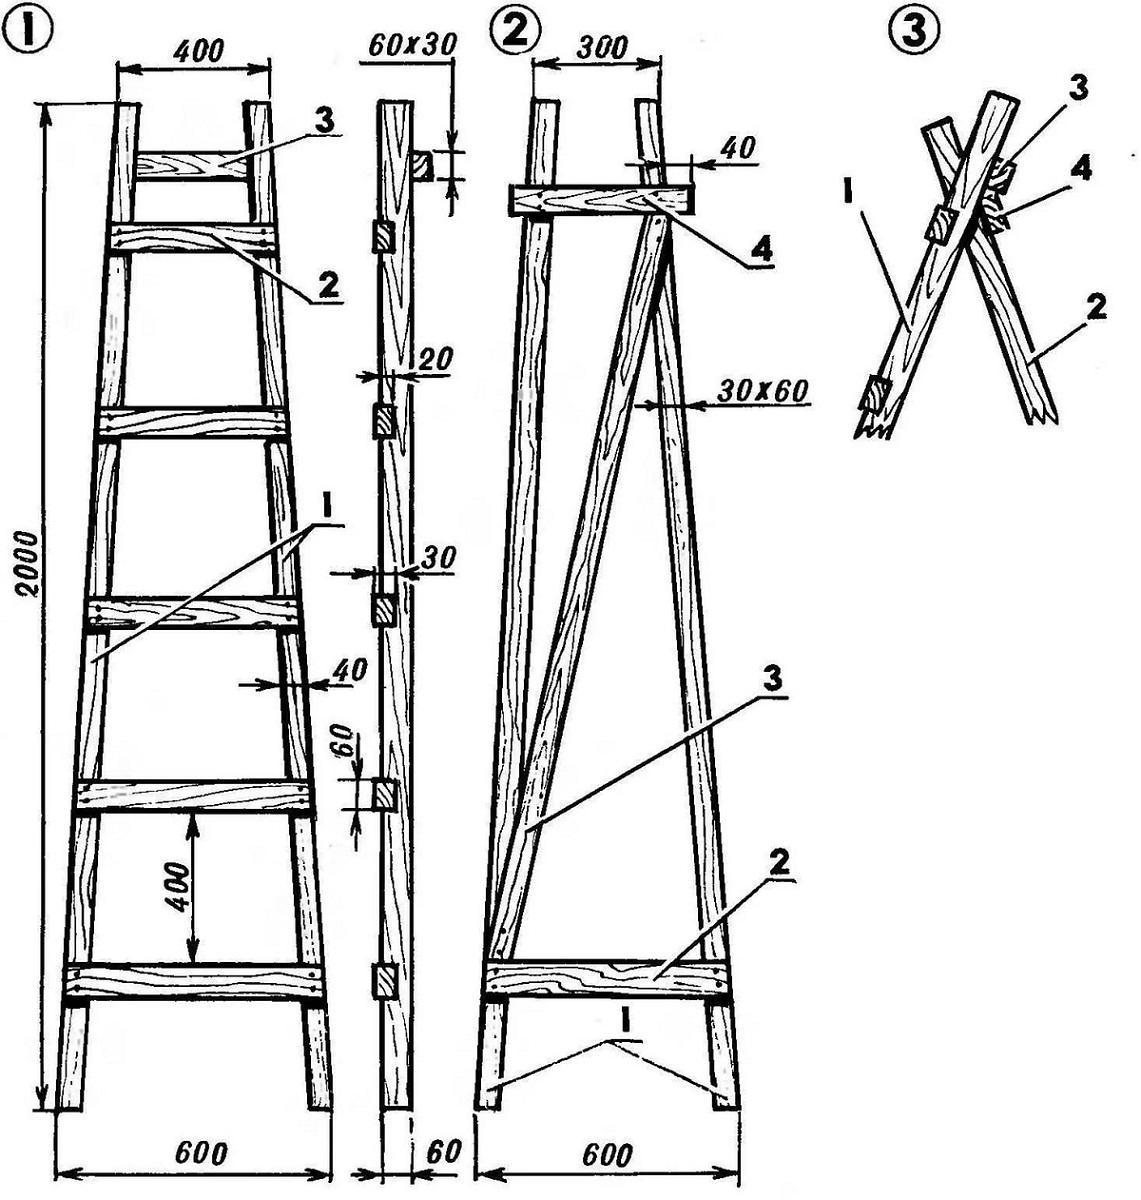 Перед изготовлением приставной деревянной лестницы стоит составить ее чертеж на бумаге, указав размеры всех элементов